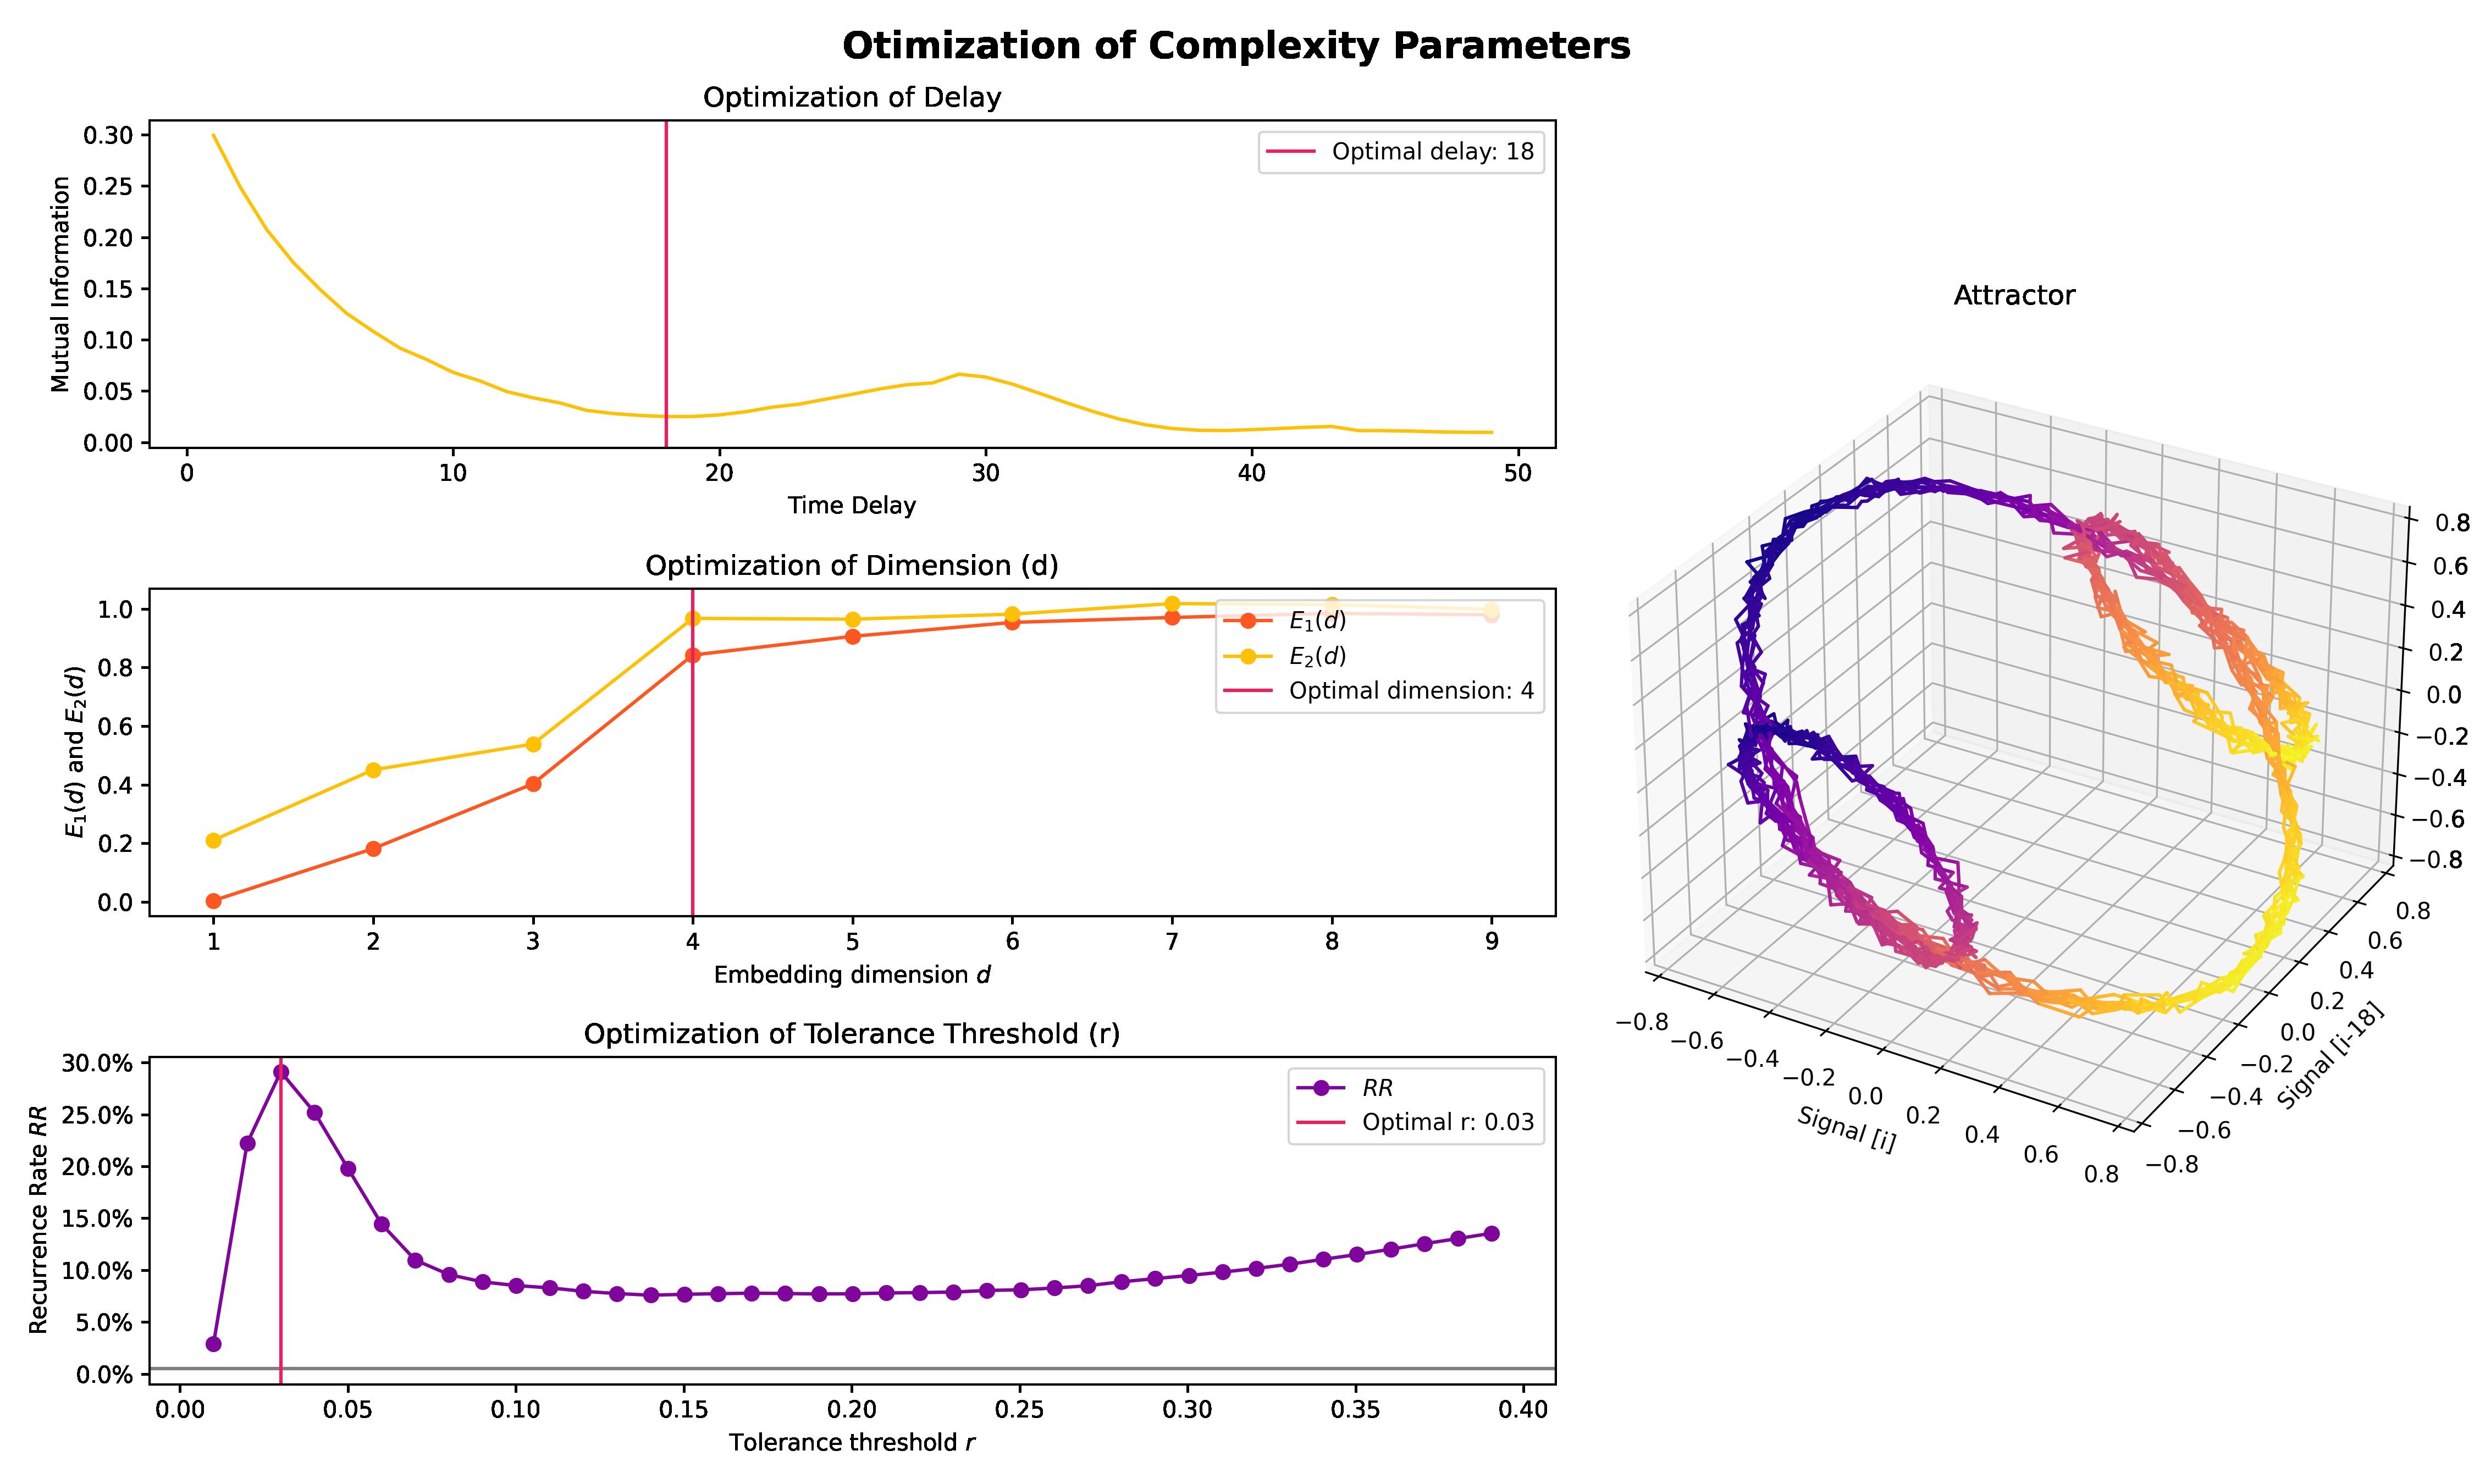 https://raw.github.com/neuropsychology/NeuroKit/master/docs/readme/README_complexity_optimize.png